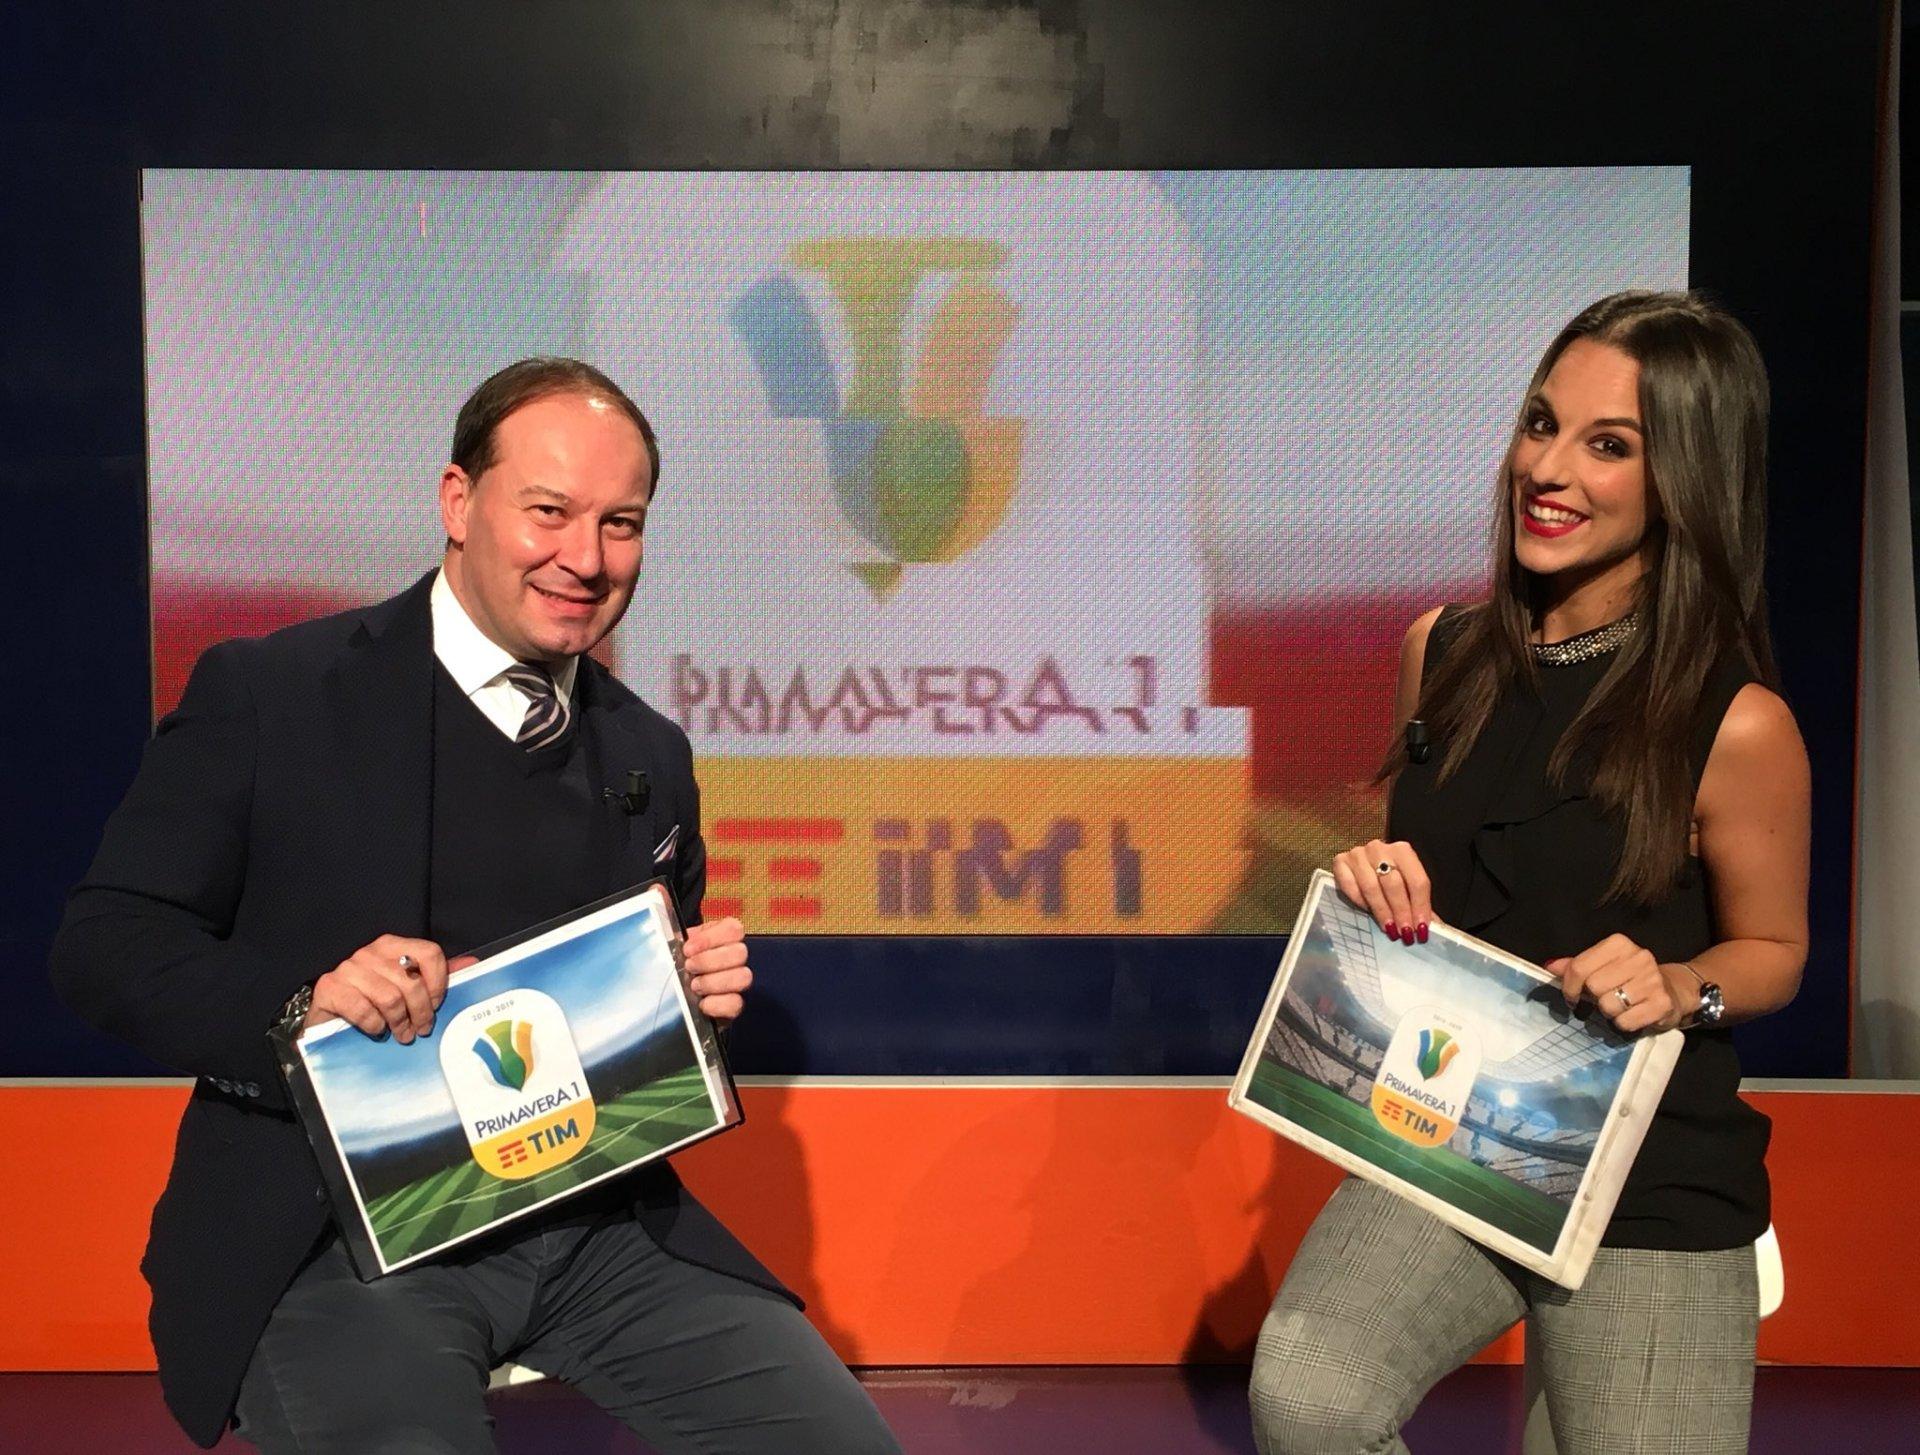 Campionato Primavera, copertura totale Sportitalia per le 254 partite del torneo